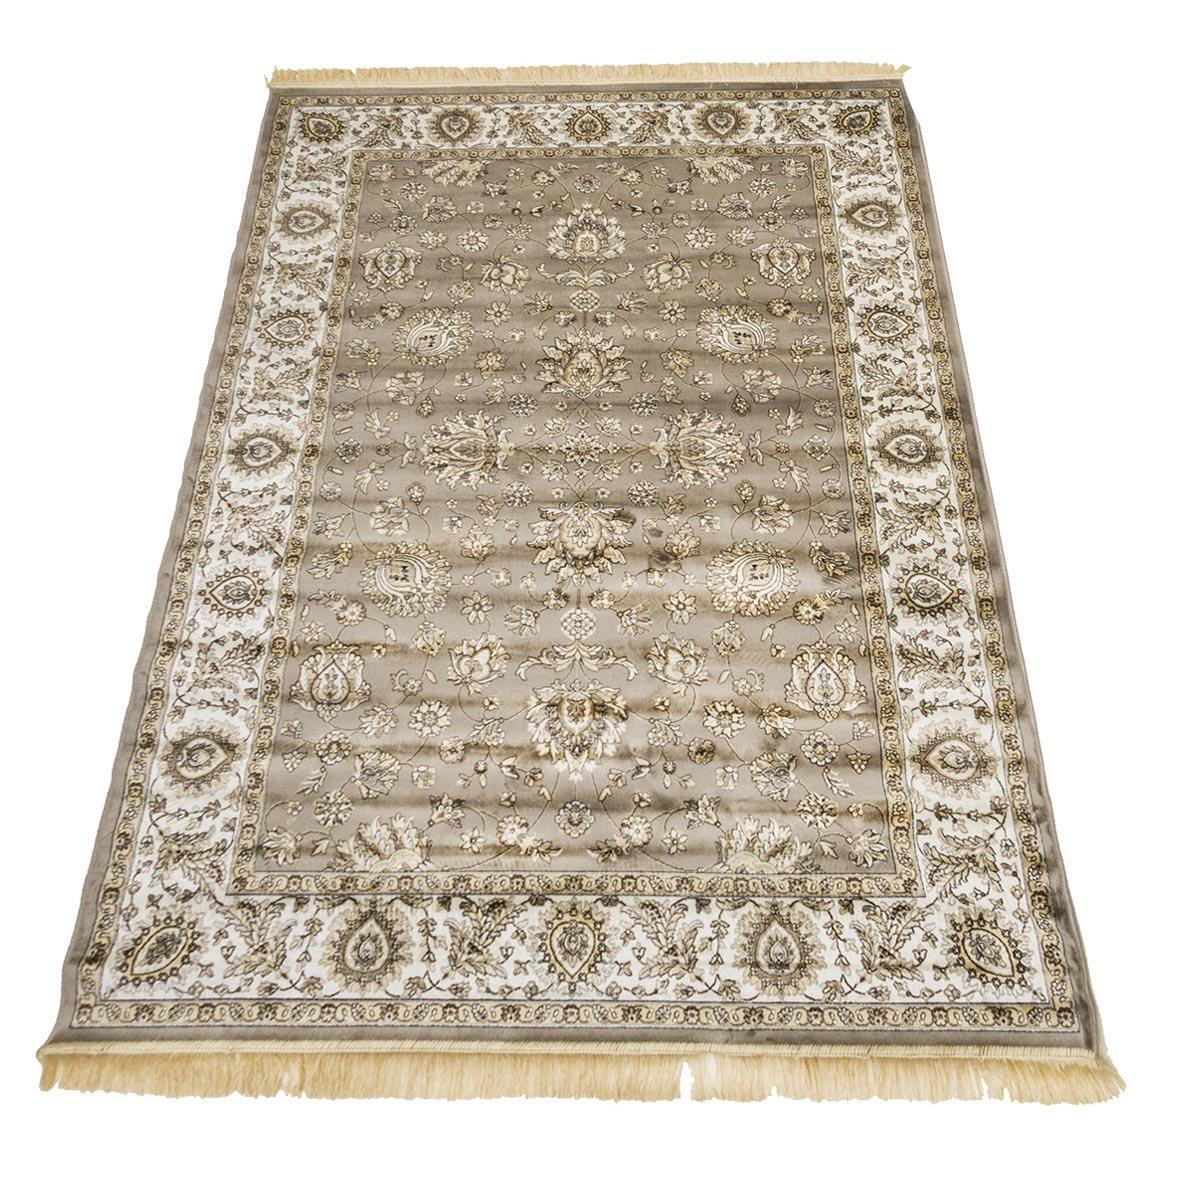 WEBTAPPETI Klassisch Teppich Orient Sarouk Top Preis Guenstig Teppich RUBINE 492-grau 160X230